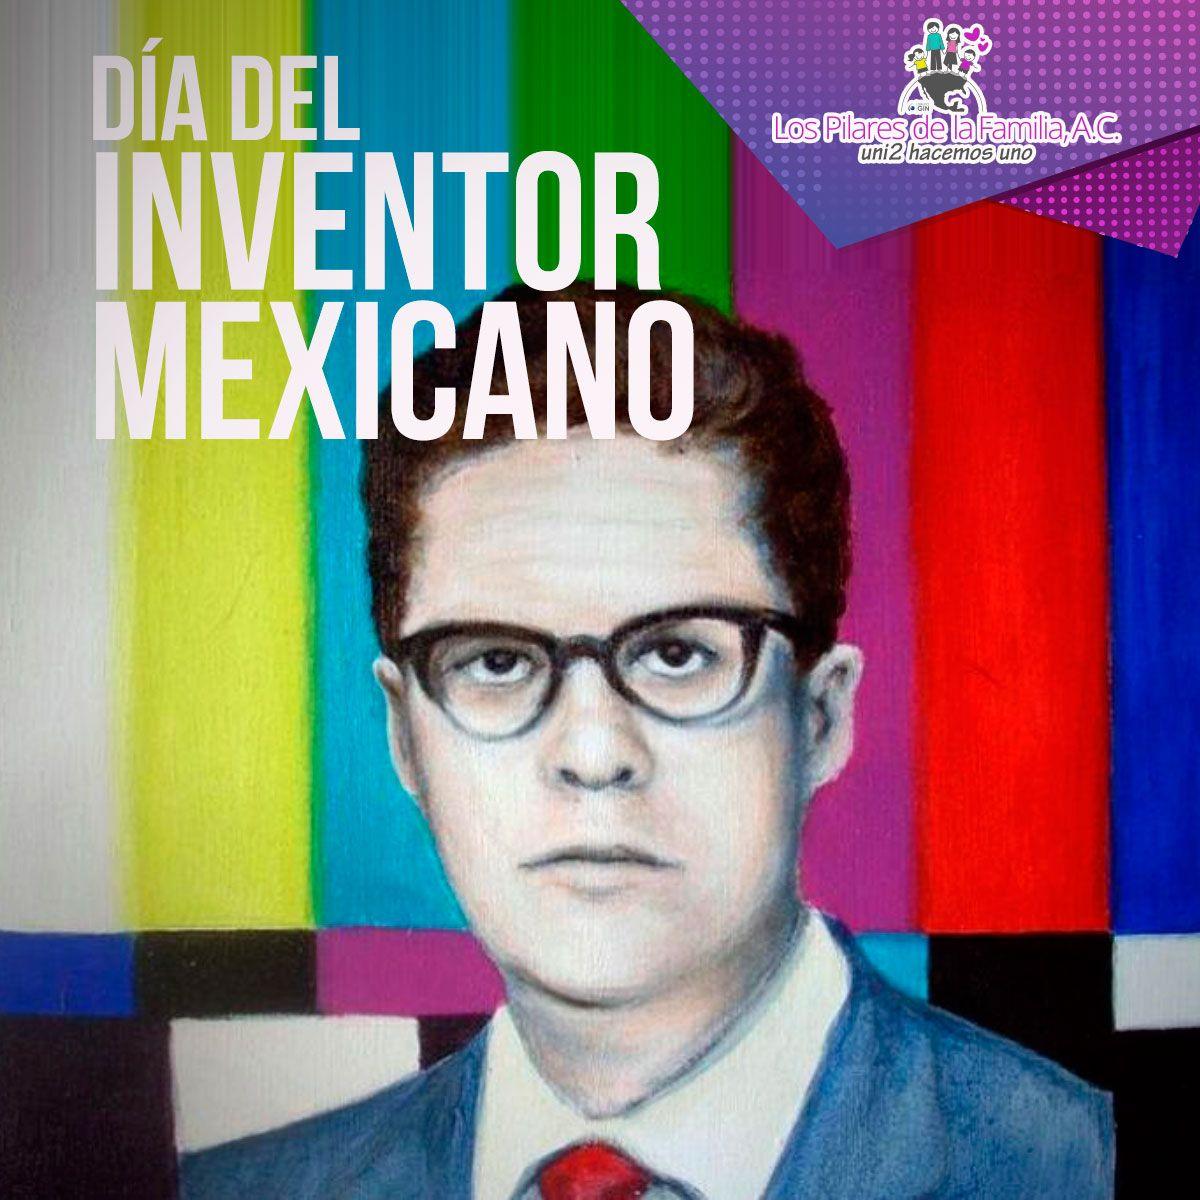 17 De Febrero Día Del Inventor Mexicano Celebraciones